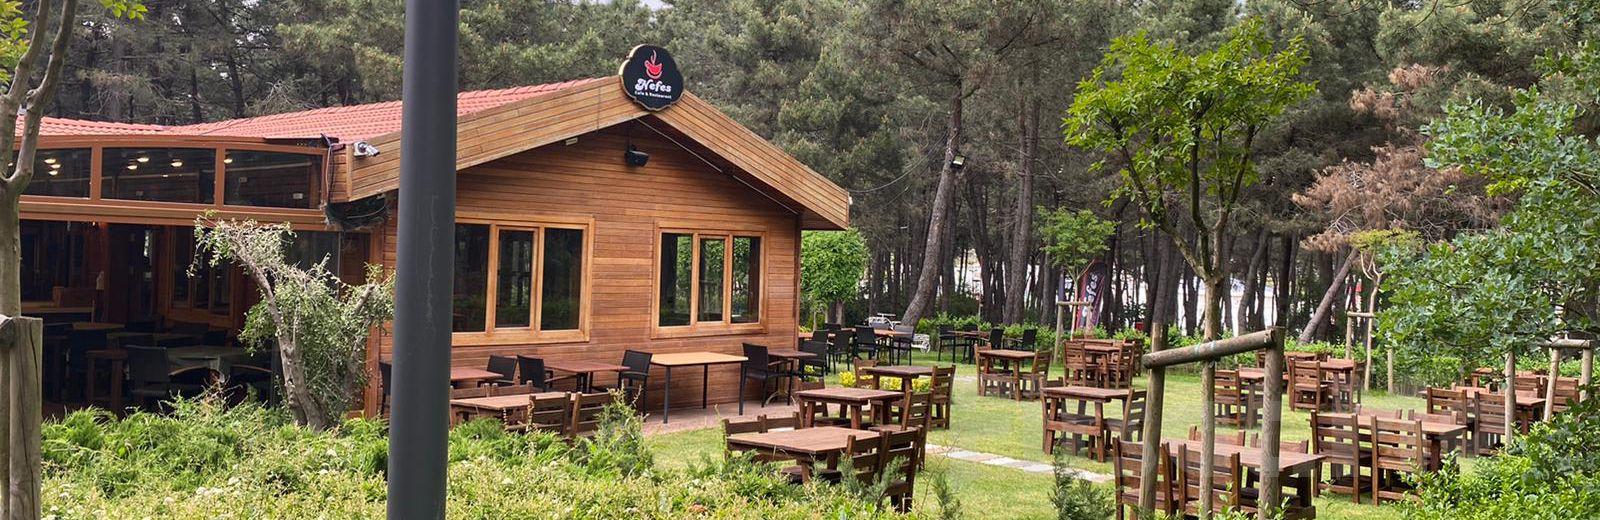 Samandra Nefes Cafe ve Restaurant Sancaktepe'de Kahvaltı Tabağı ve Serpme Kahvaltı Keyfi